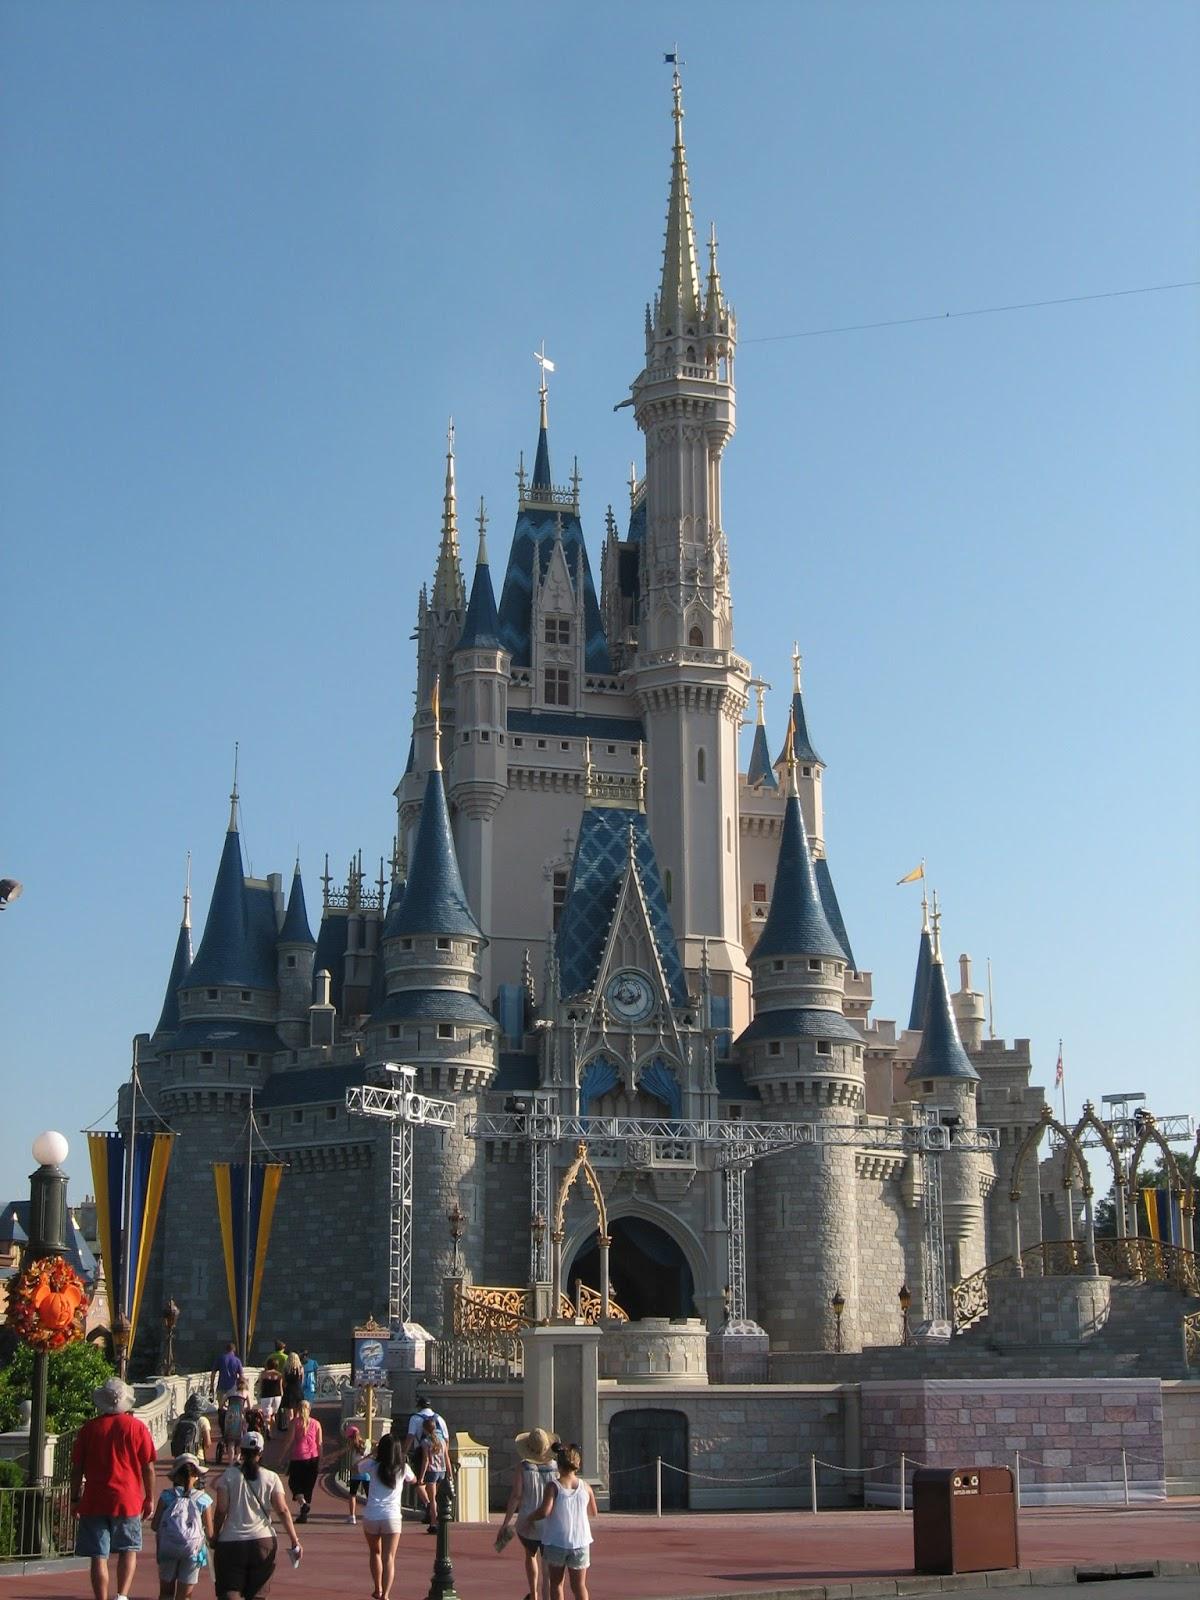 Tips for Visiting Magic Kingdom at Walt Disney World